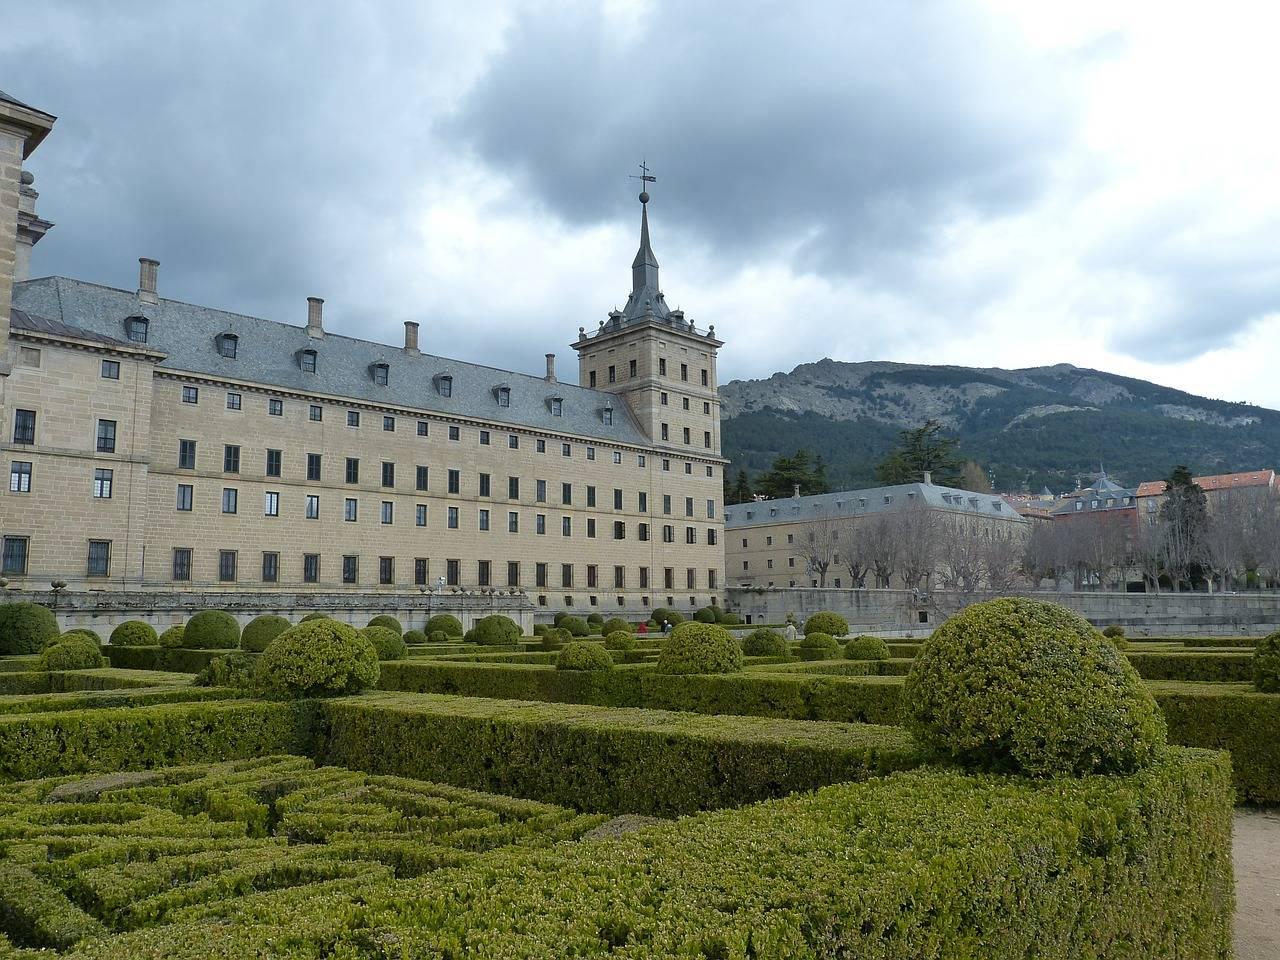 Монастырь эскориал: история, описание, что посмотреть и как добраться